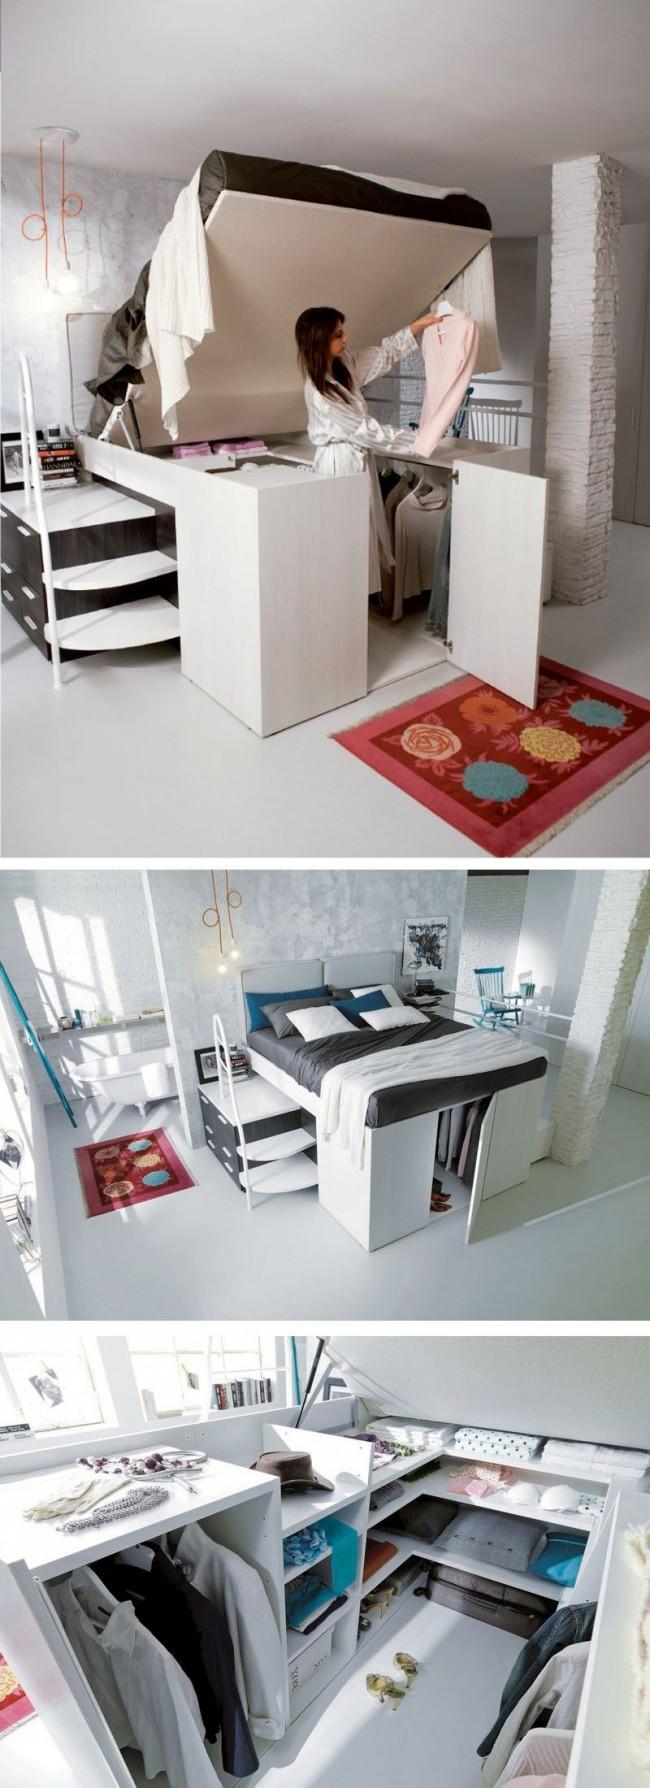 Два в одном кровать и гардероб - отличное решение для маленькой квартиры